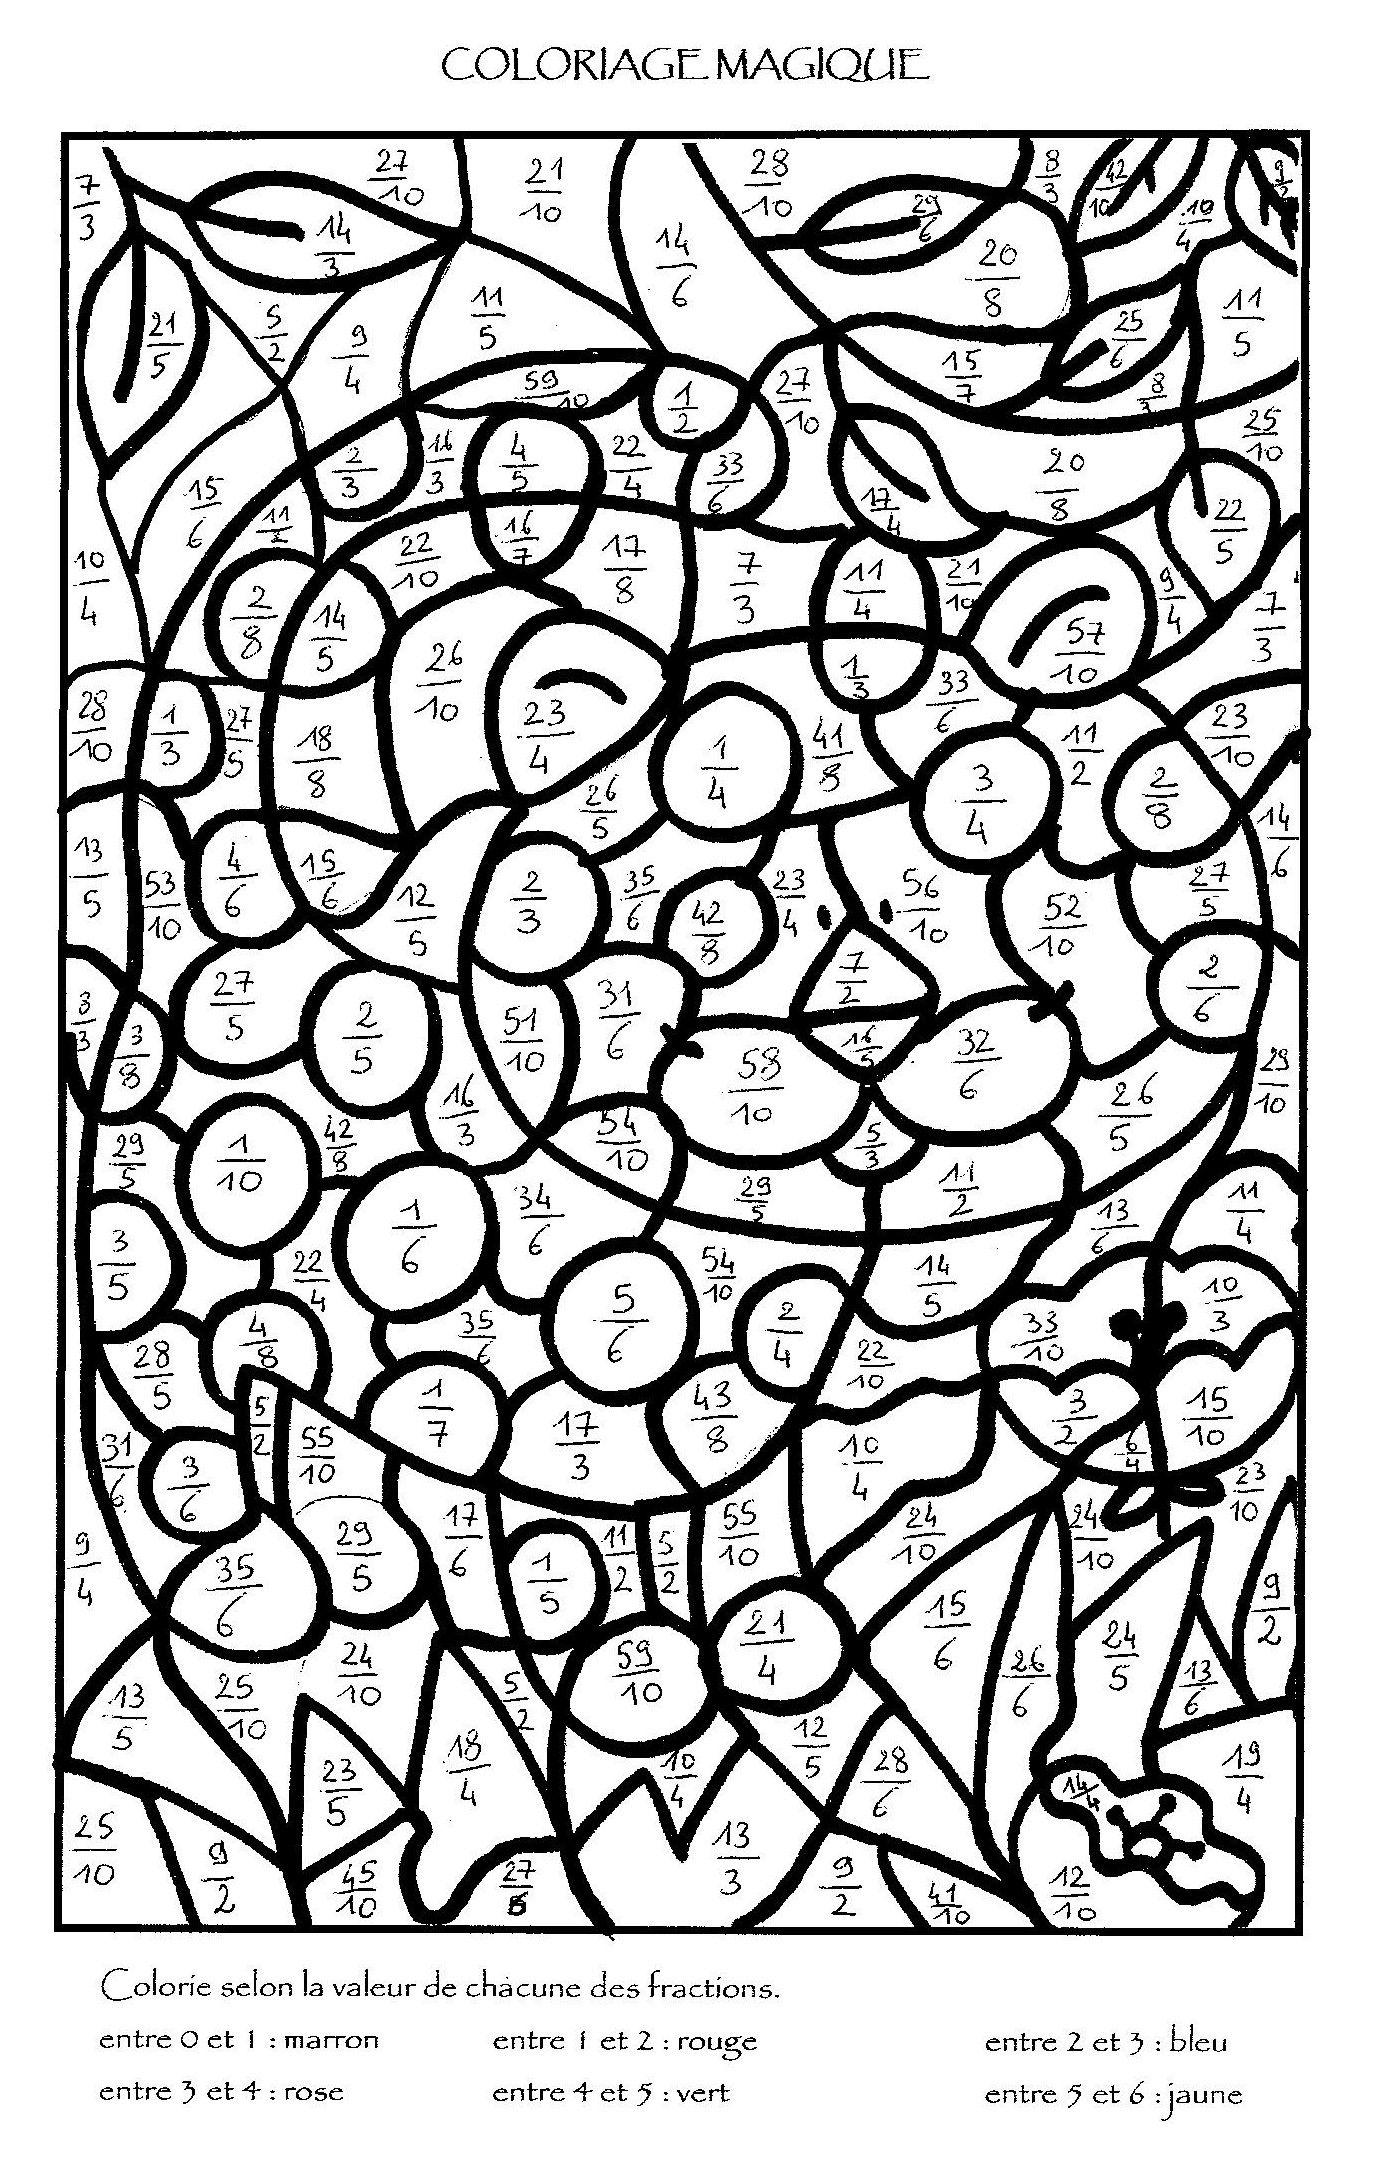 Coloriage magique multiplication colorier dessin - Coloriage magique calcul ce1 ...